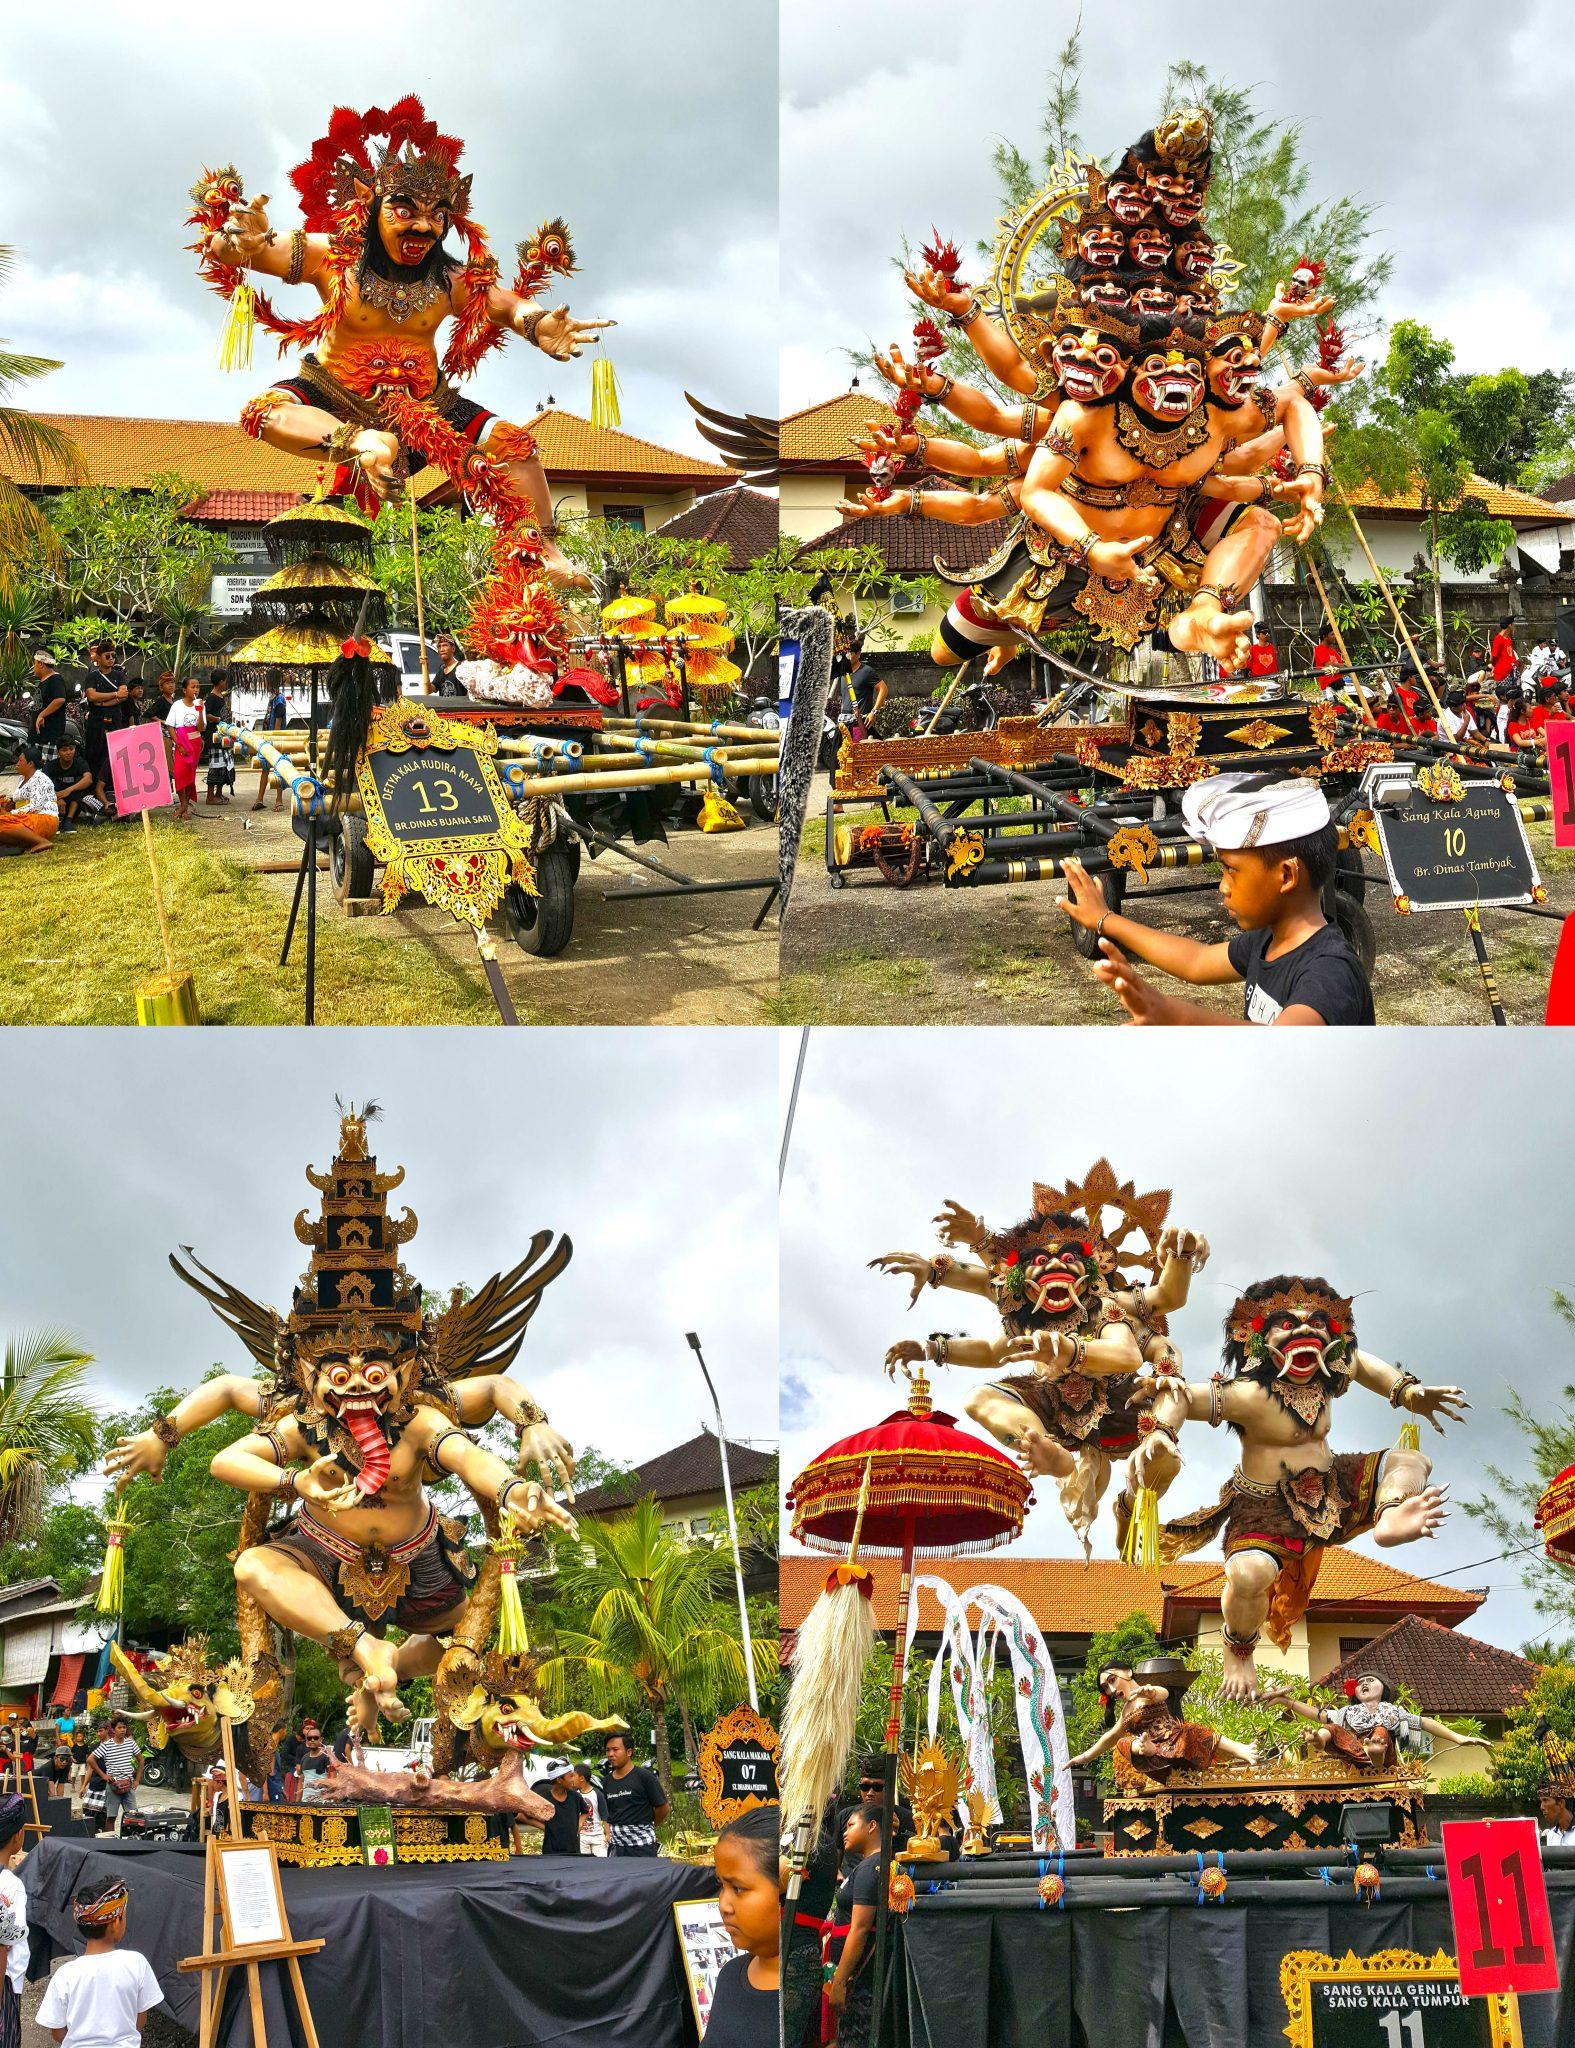 ogho-ogho Indonesia